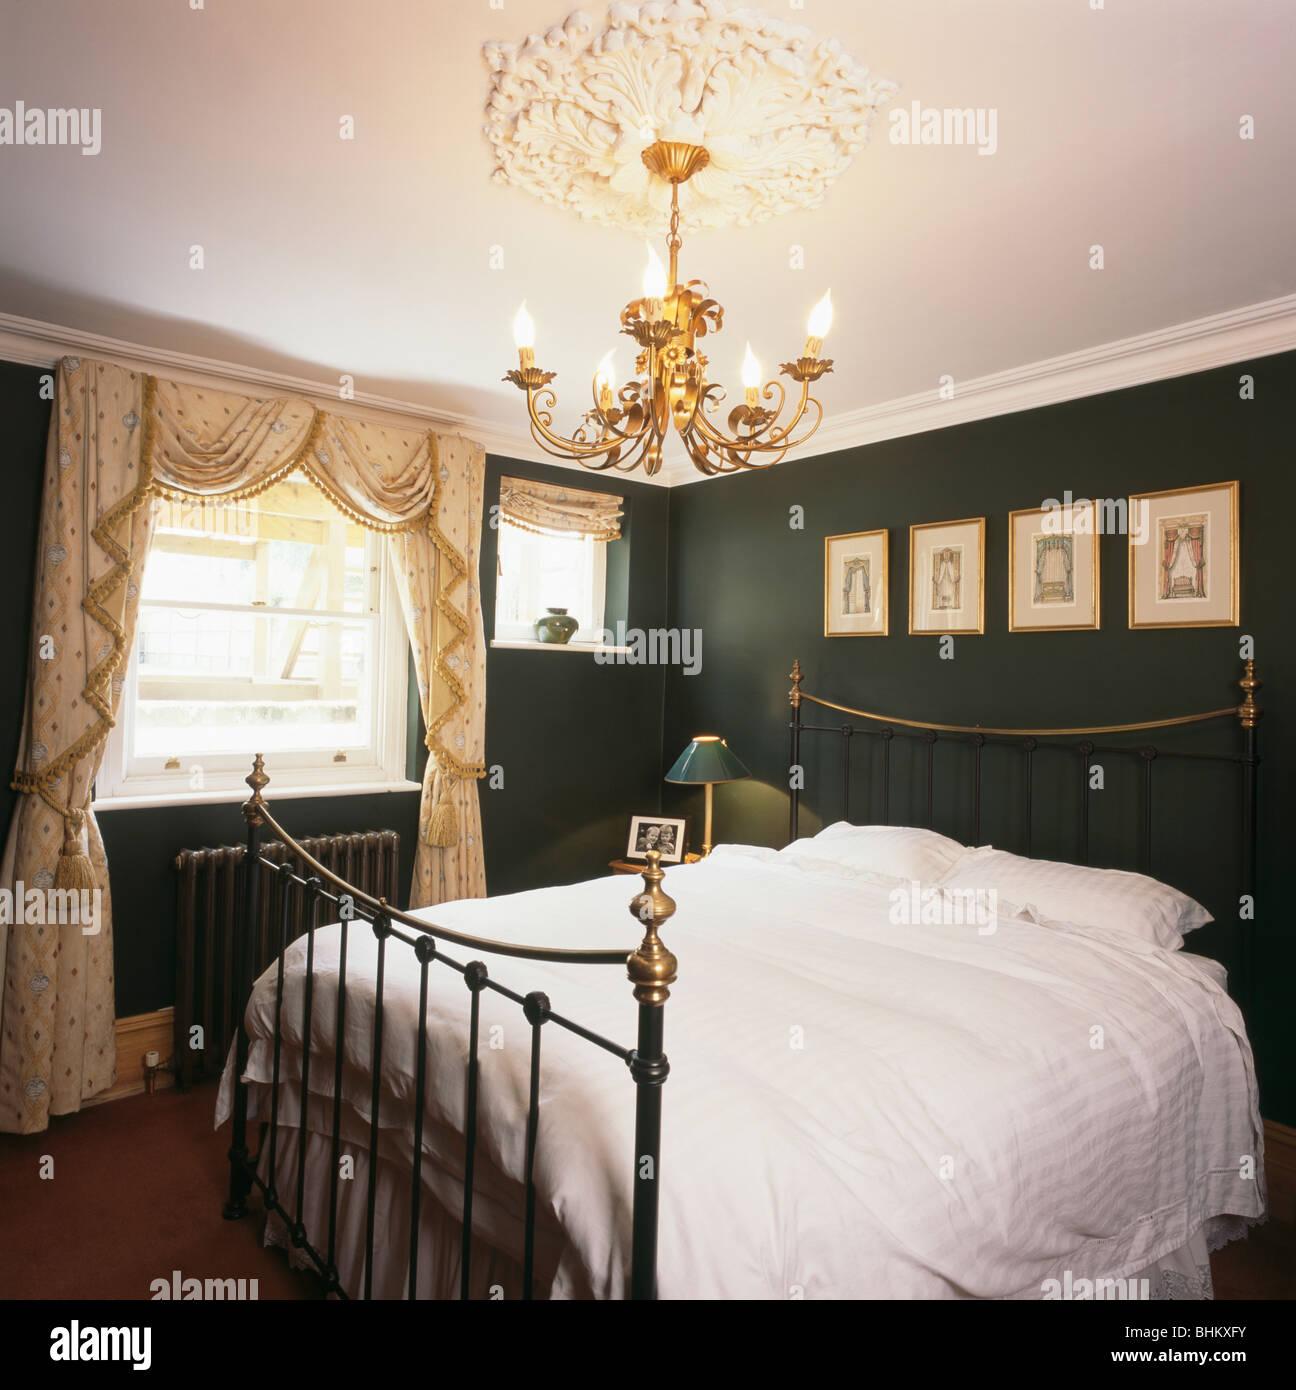 Vergoldete Kronleuchter über Antik Messingbett in grünen und weißen ...